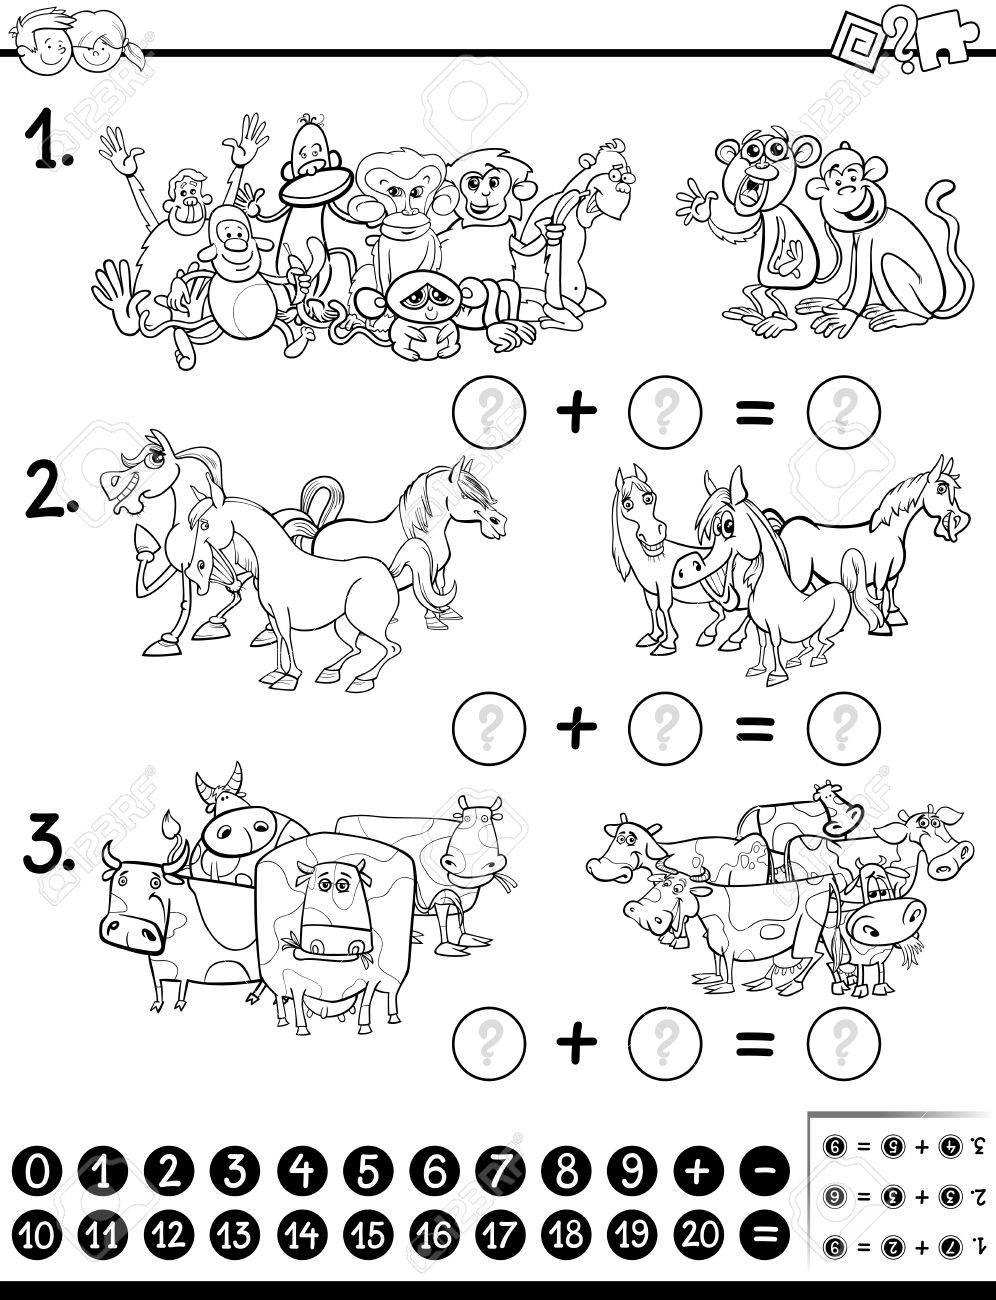 Ilustración De Dibujos Animados En Blanco Y Negro Del Juego ...